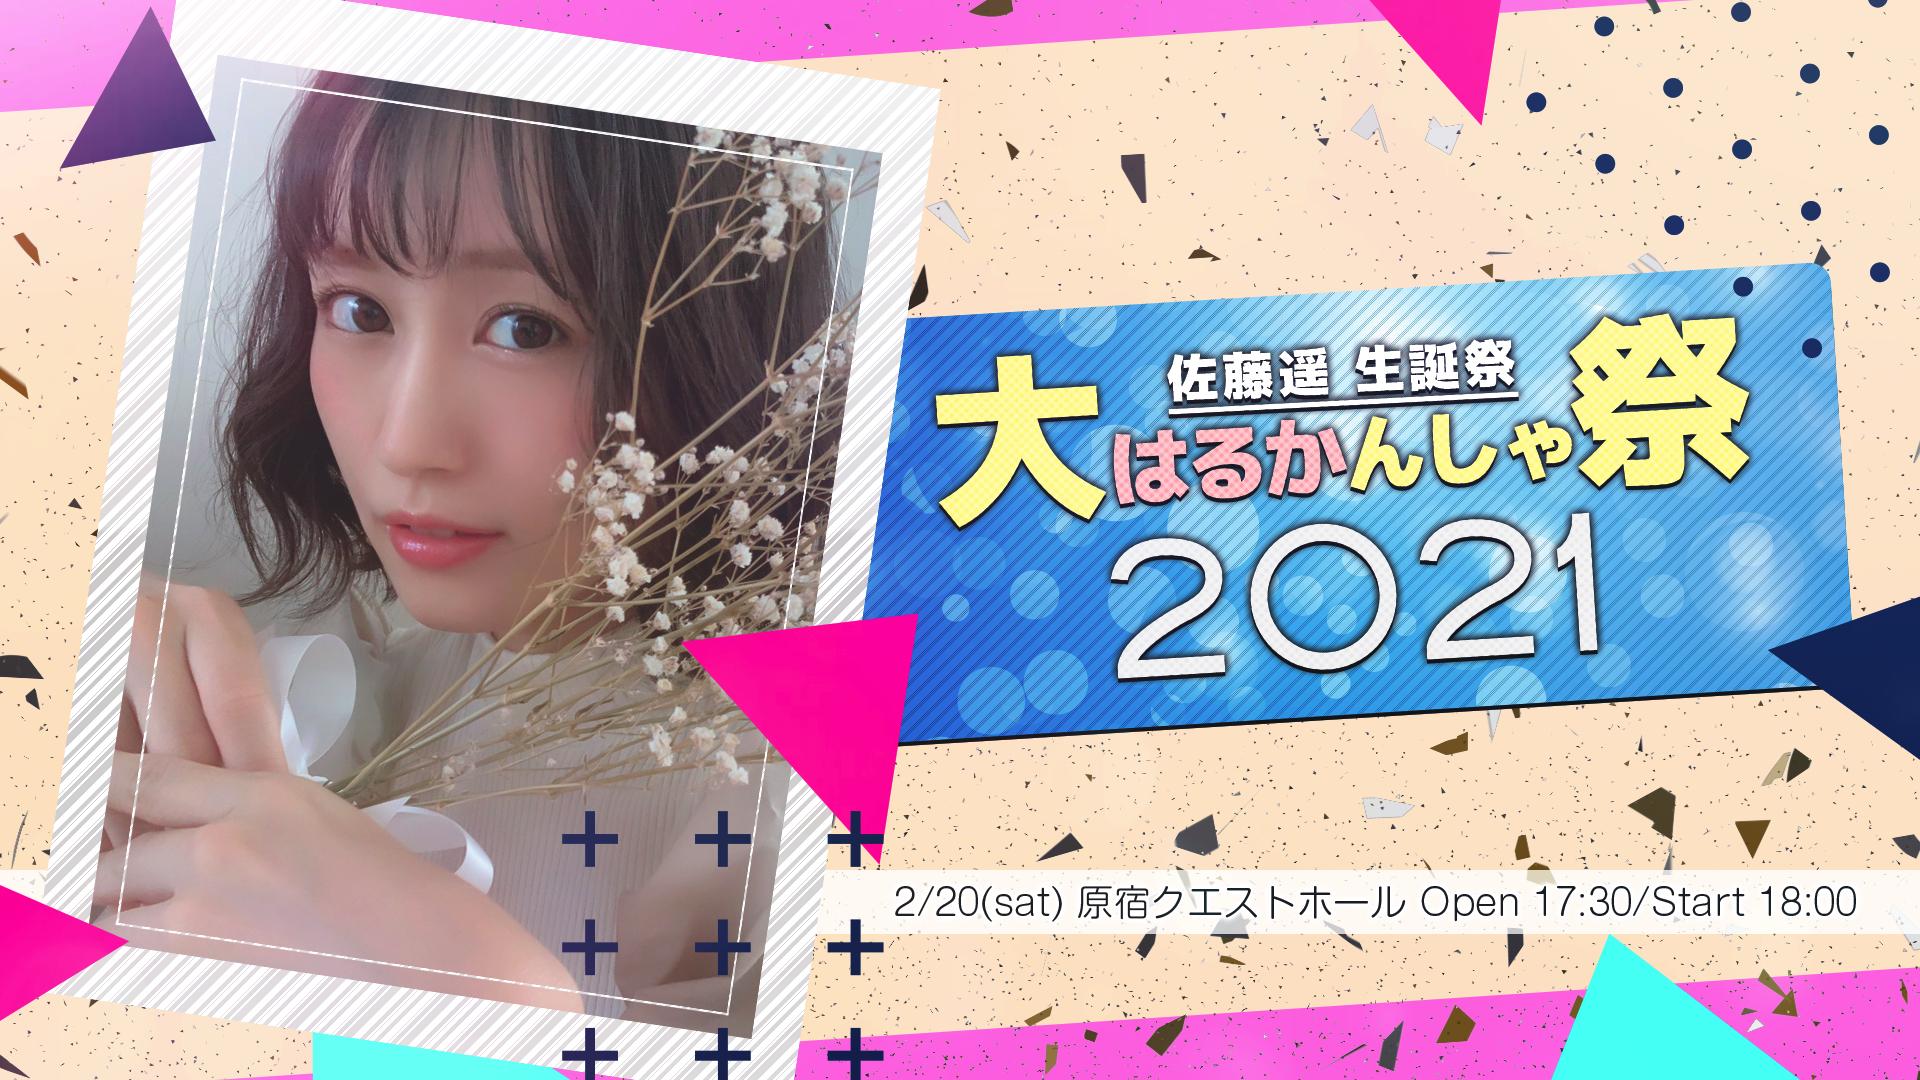 【2021/2/20】佐藤遥生誕祭2021〜大はるかんしゃ祭〜